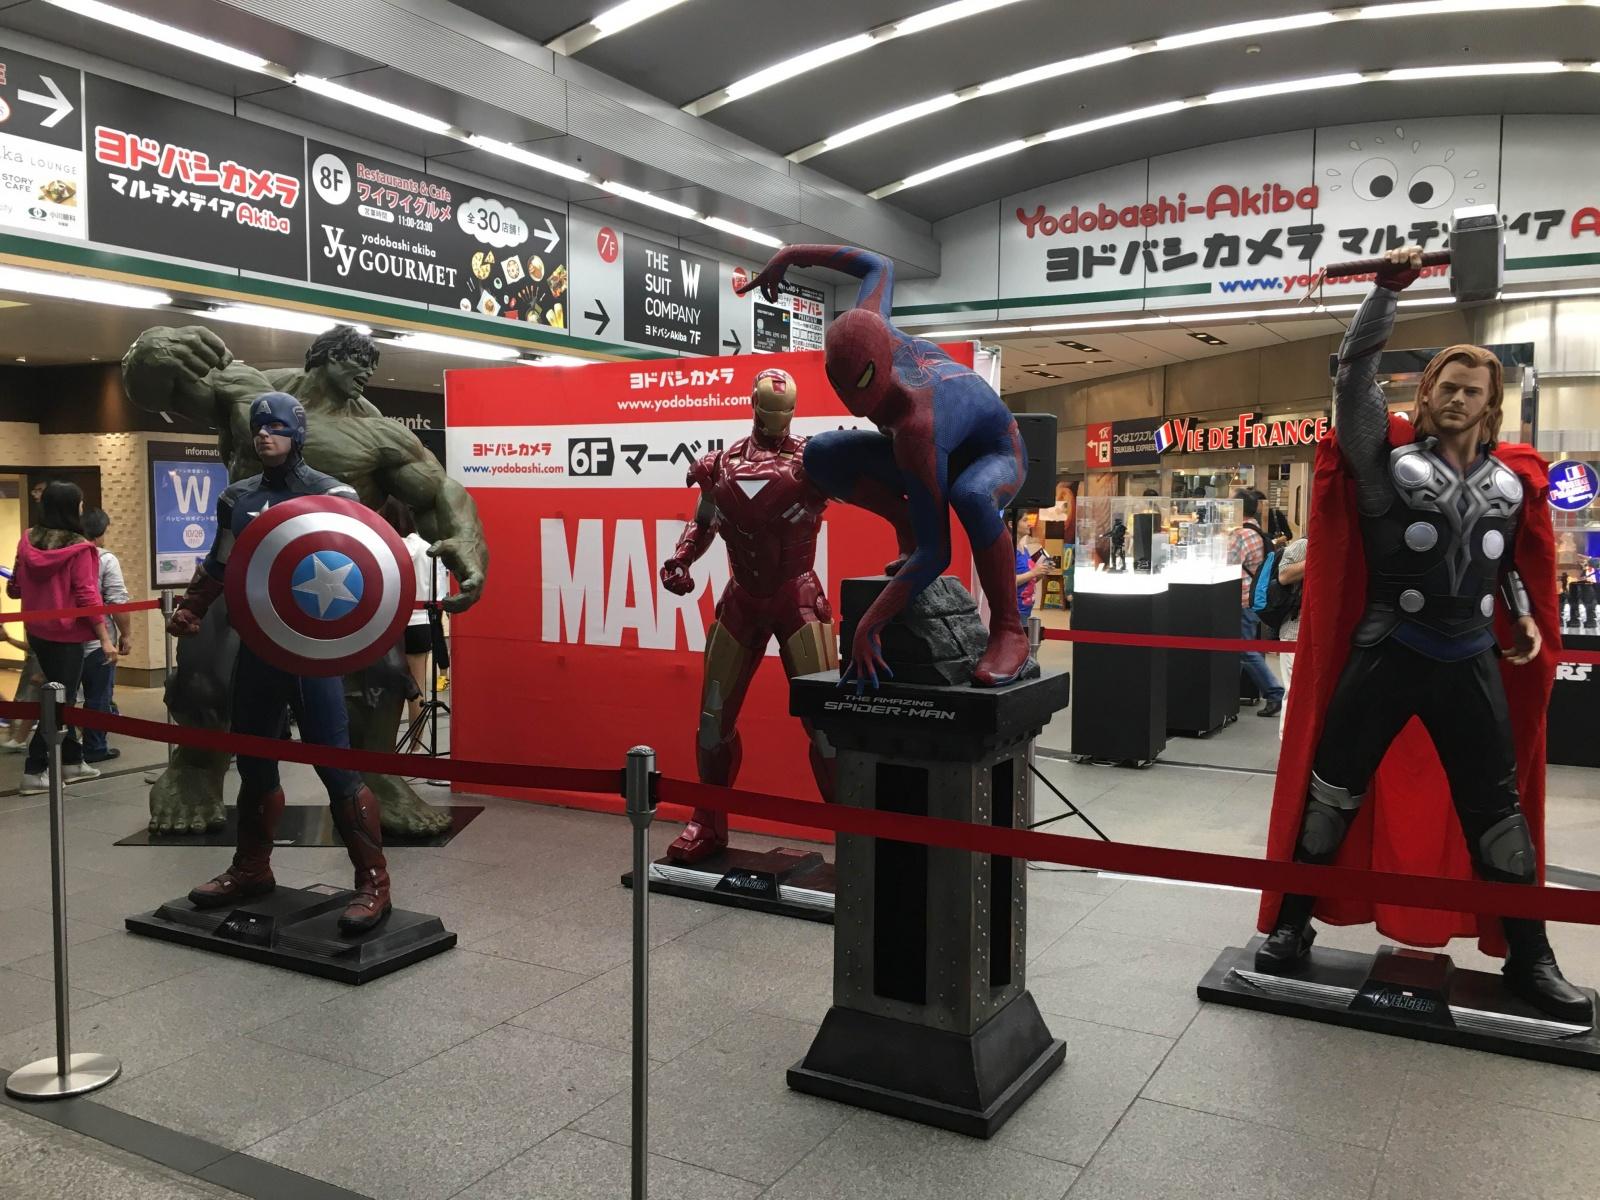 秋葉原でアメリカンヒーローたちが!?